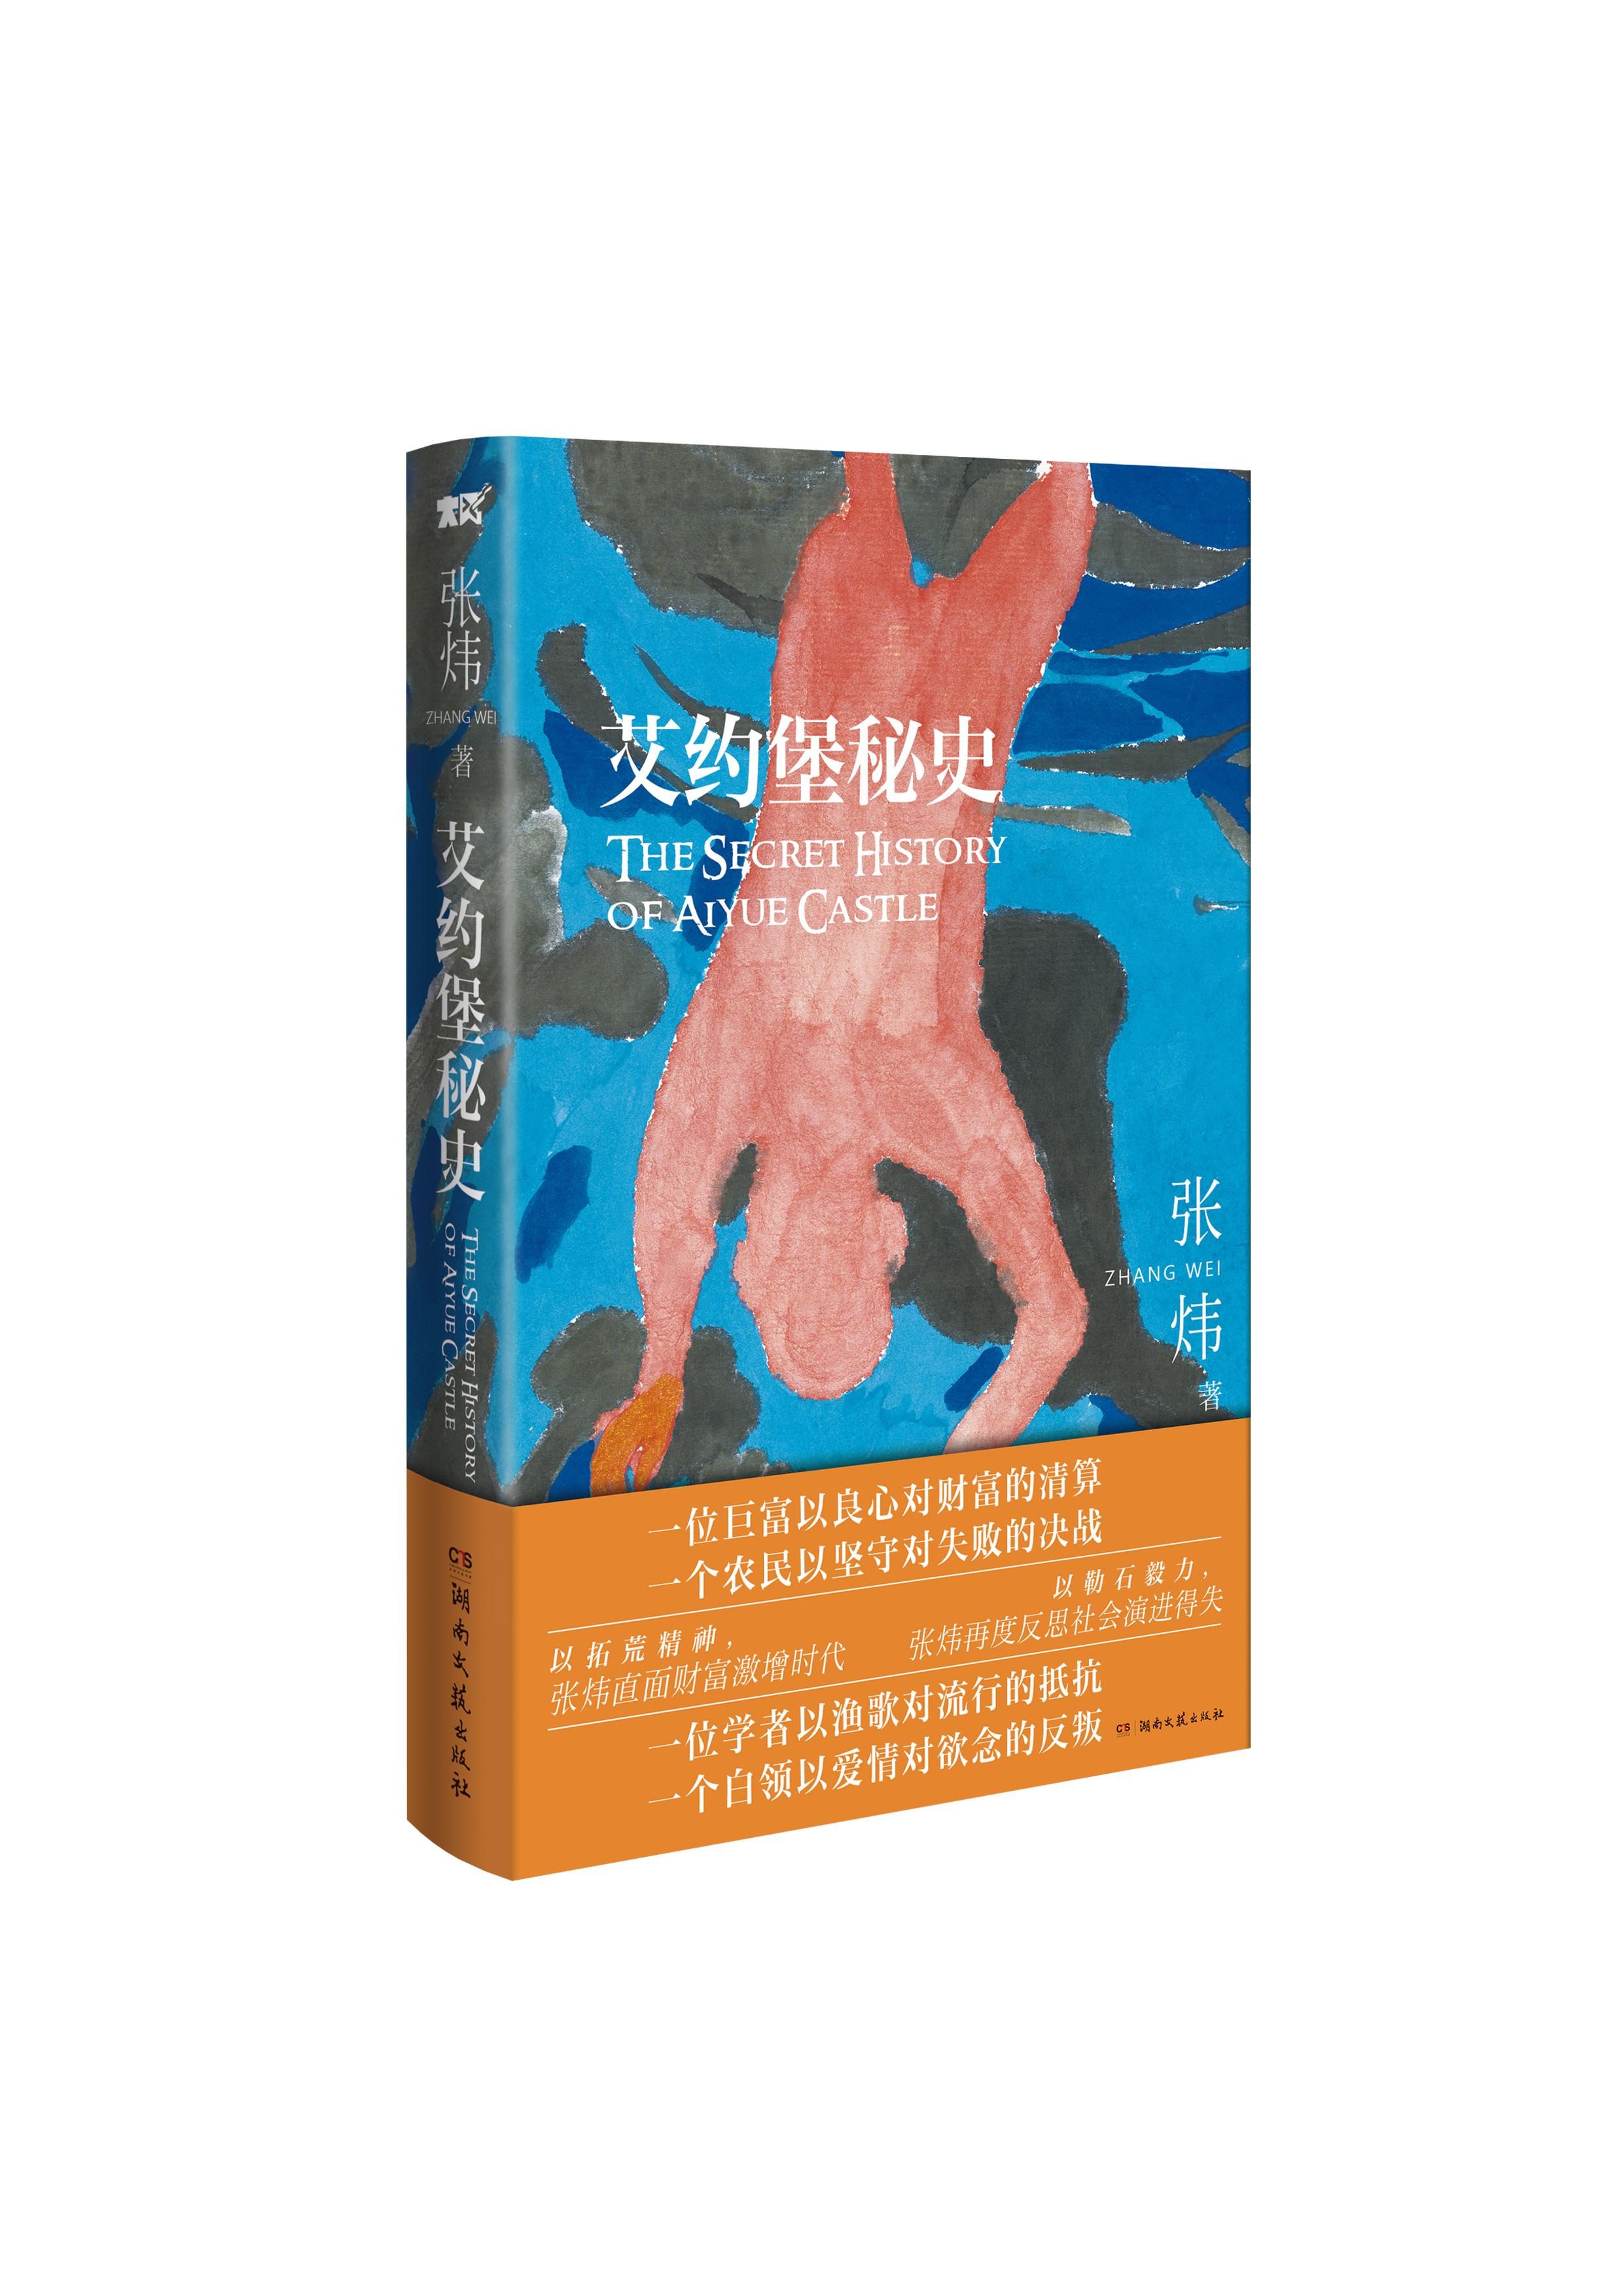 中国作协副主席张炜携新书《艾约堡秘史》济南分享创作心得